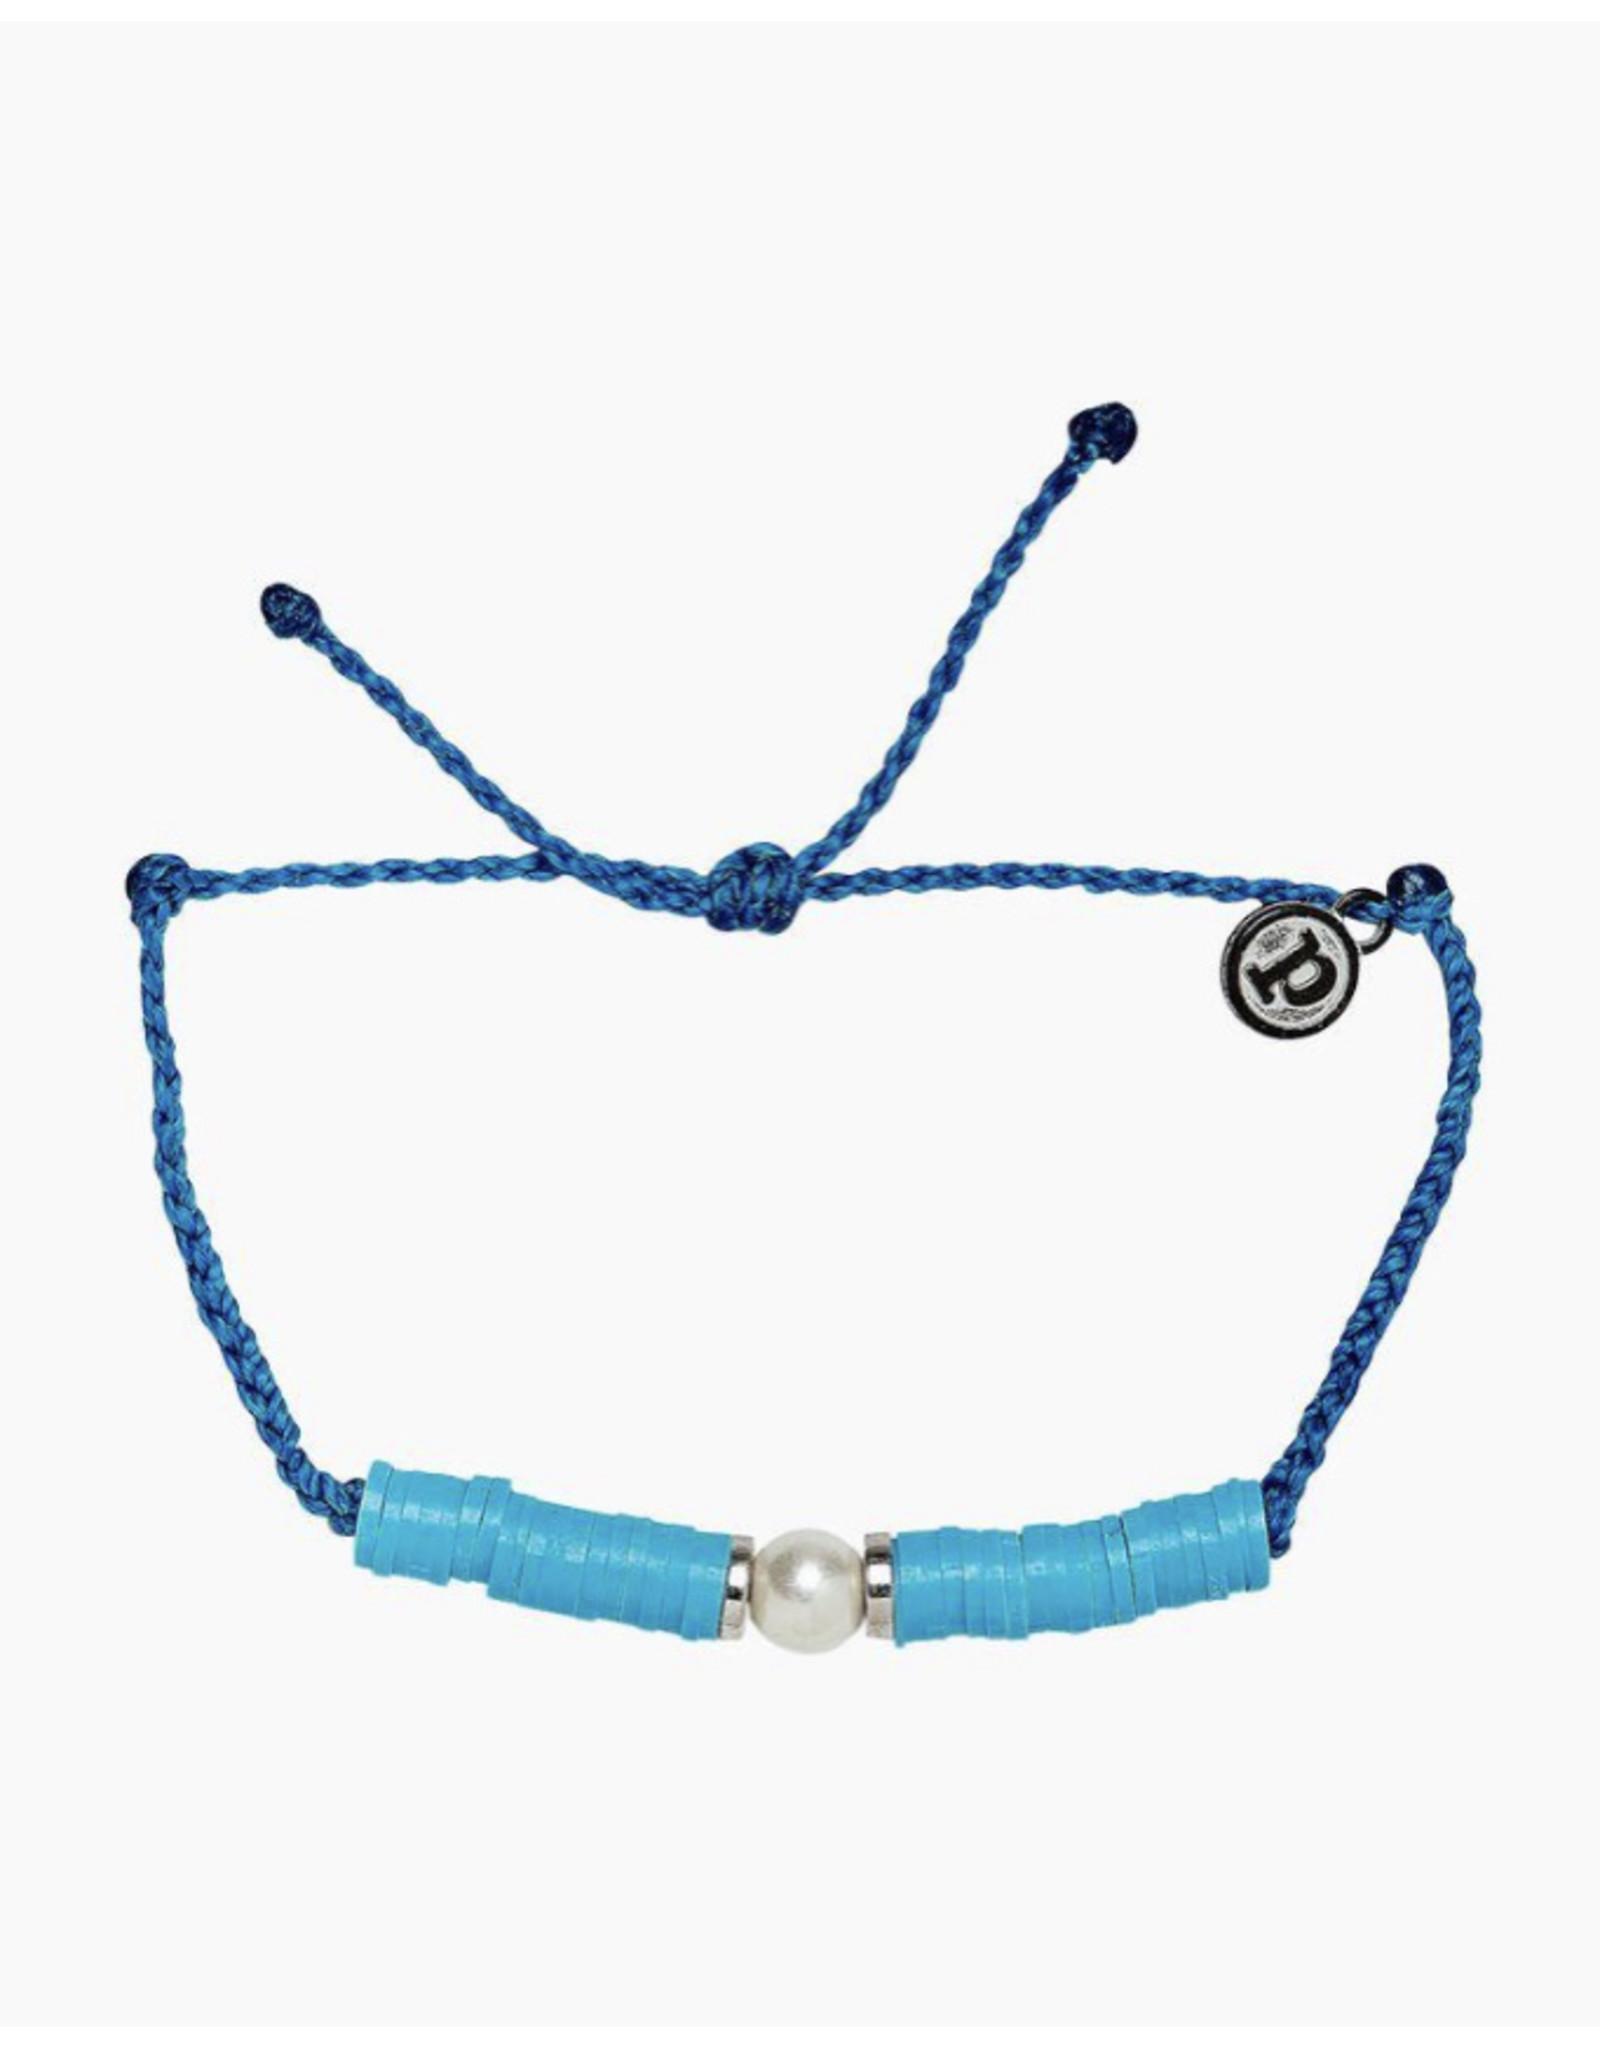 Pura Vida Neon Moon Bracelet, Neon Blue